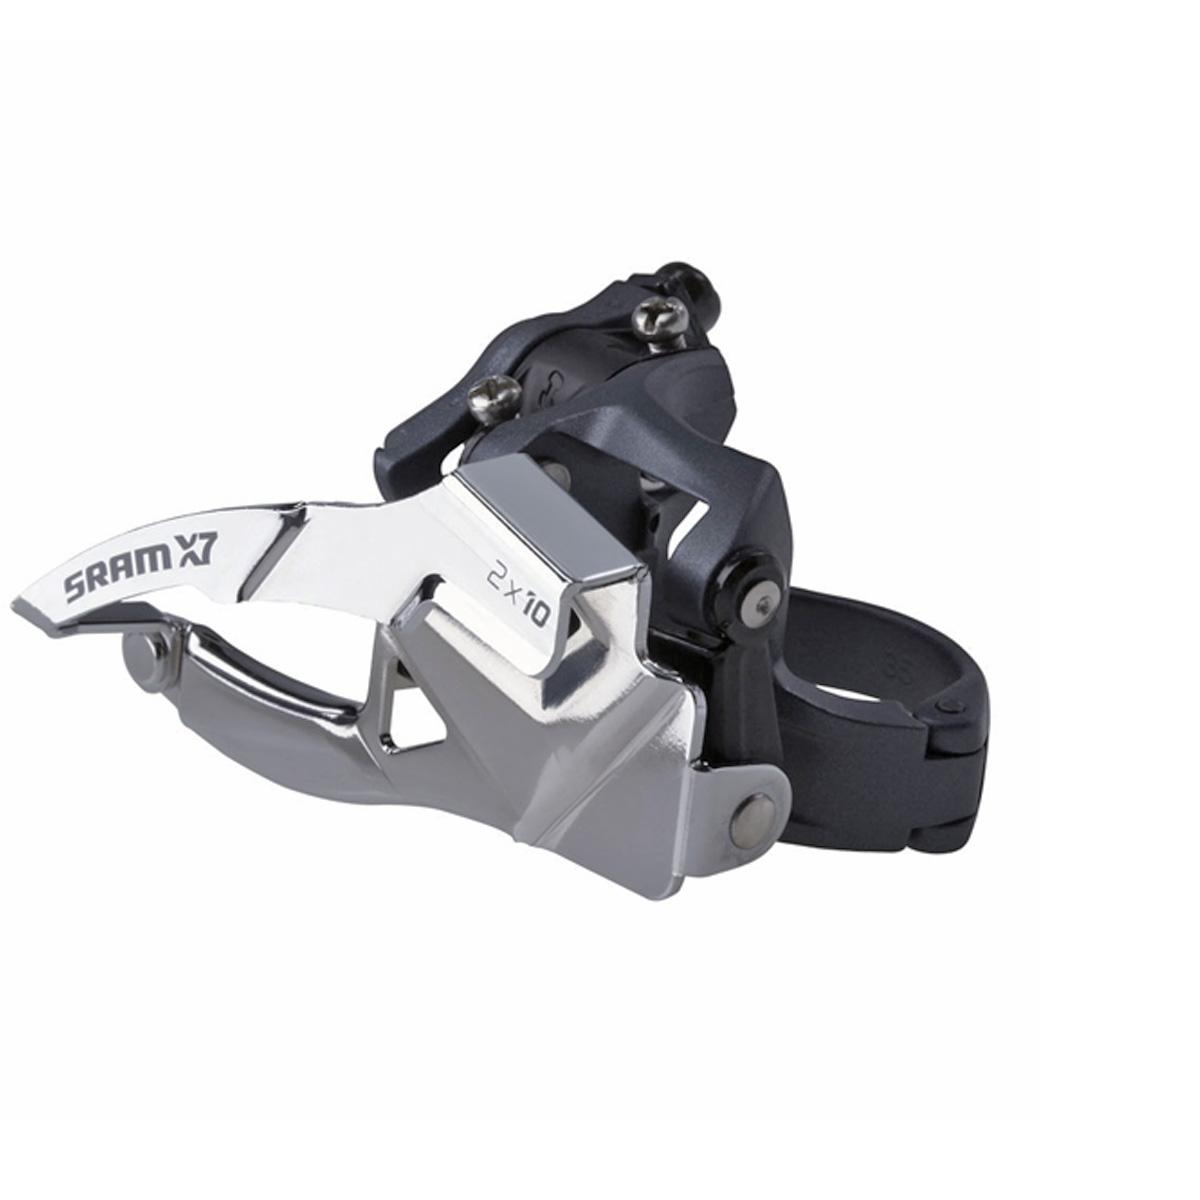 Dérailleur avant VTT SRAM X7 2x10 Fixation Colier Bas S1 38/36 dents Tirage Haut/Bas